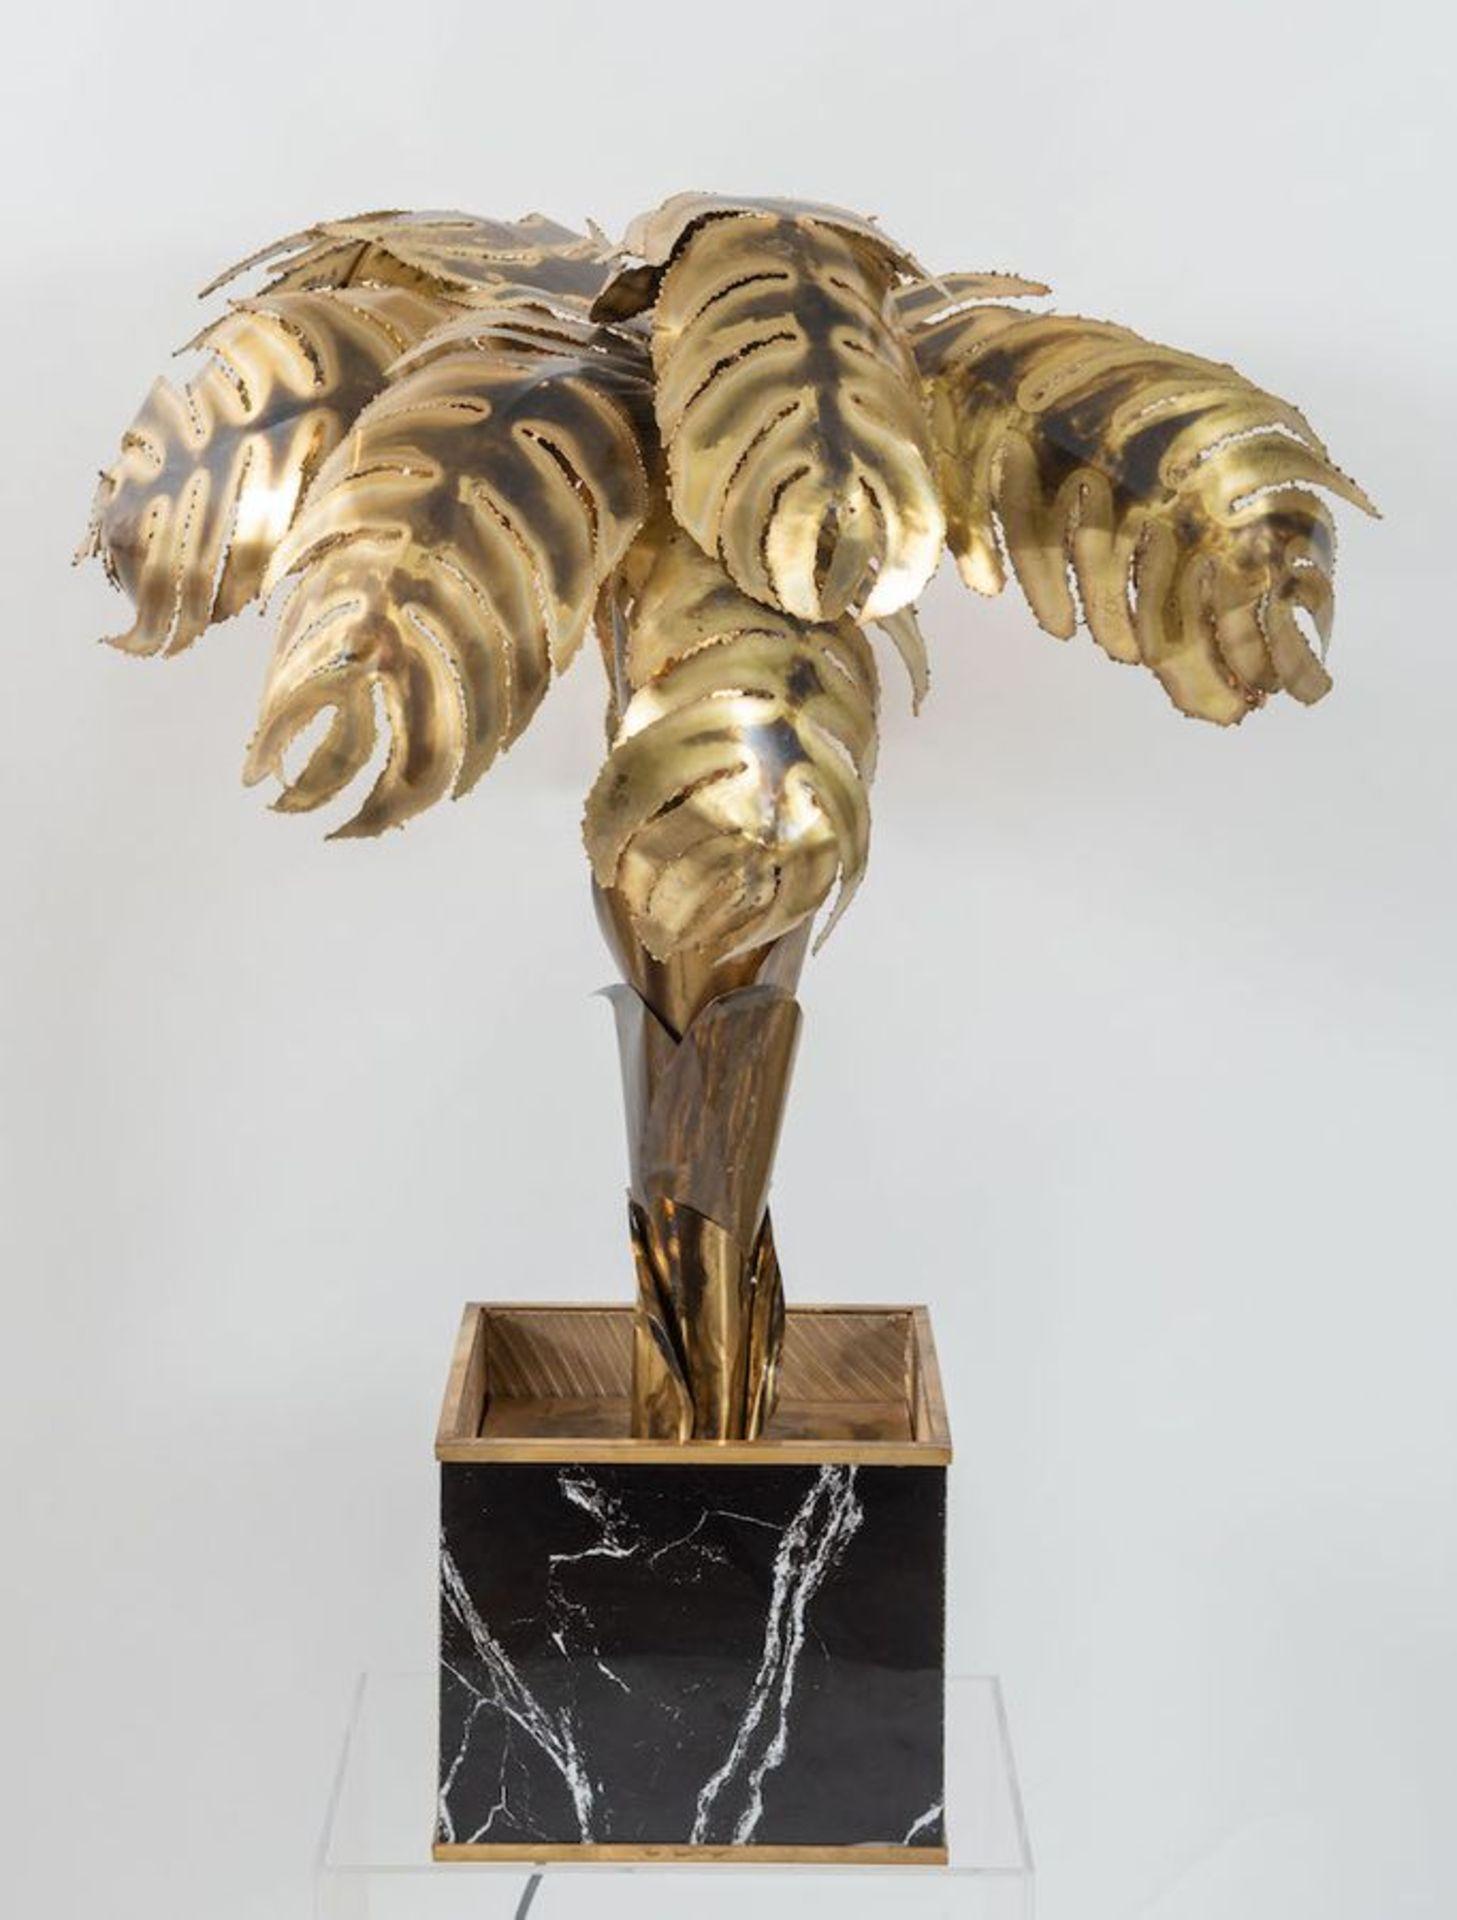 MAISON JANSEN, attr. Lampada da terra in ottone lavorato a mano con una base cubica in legno. Prod.